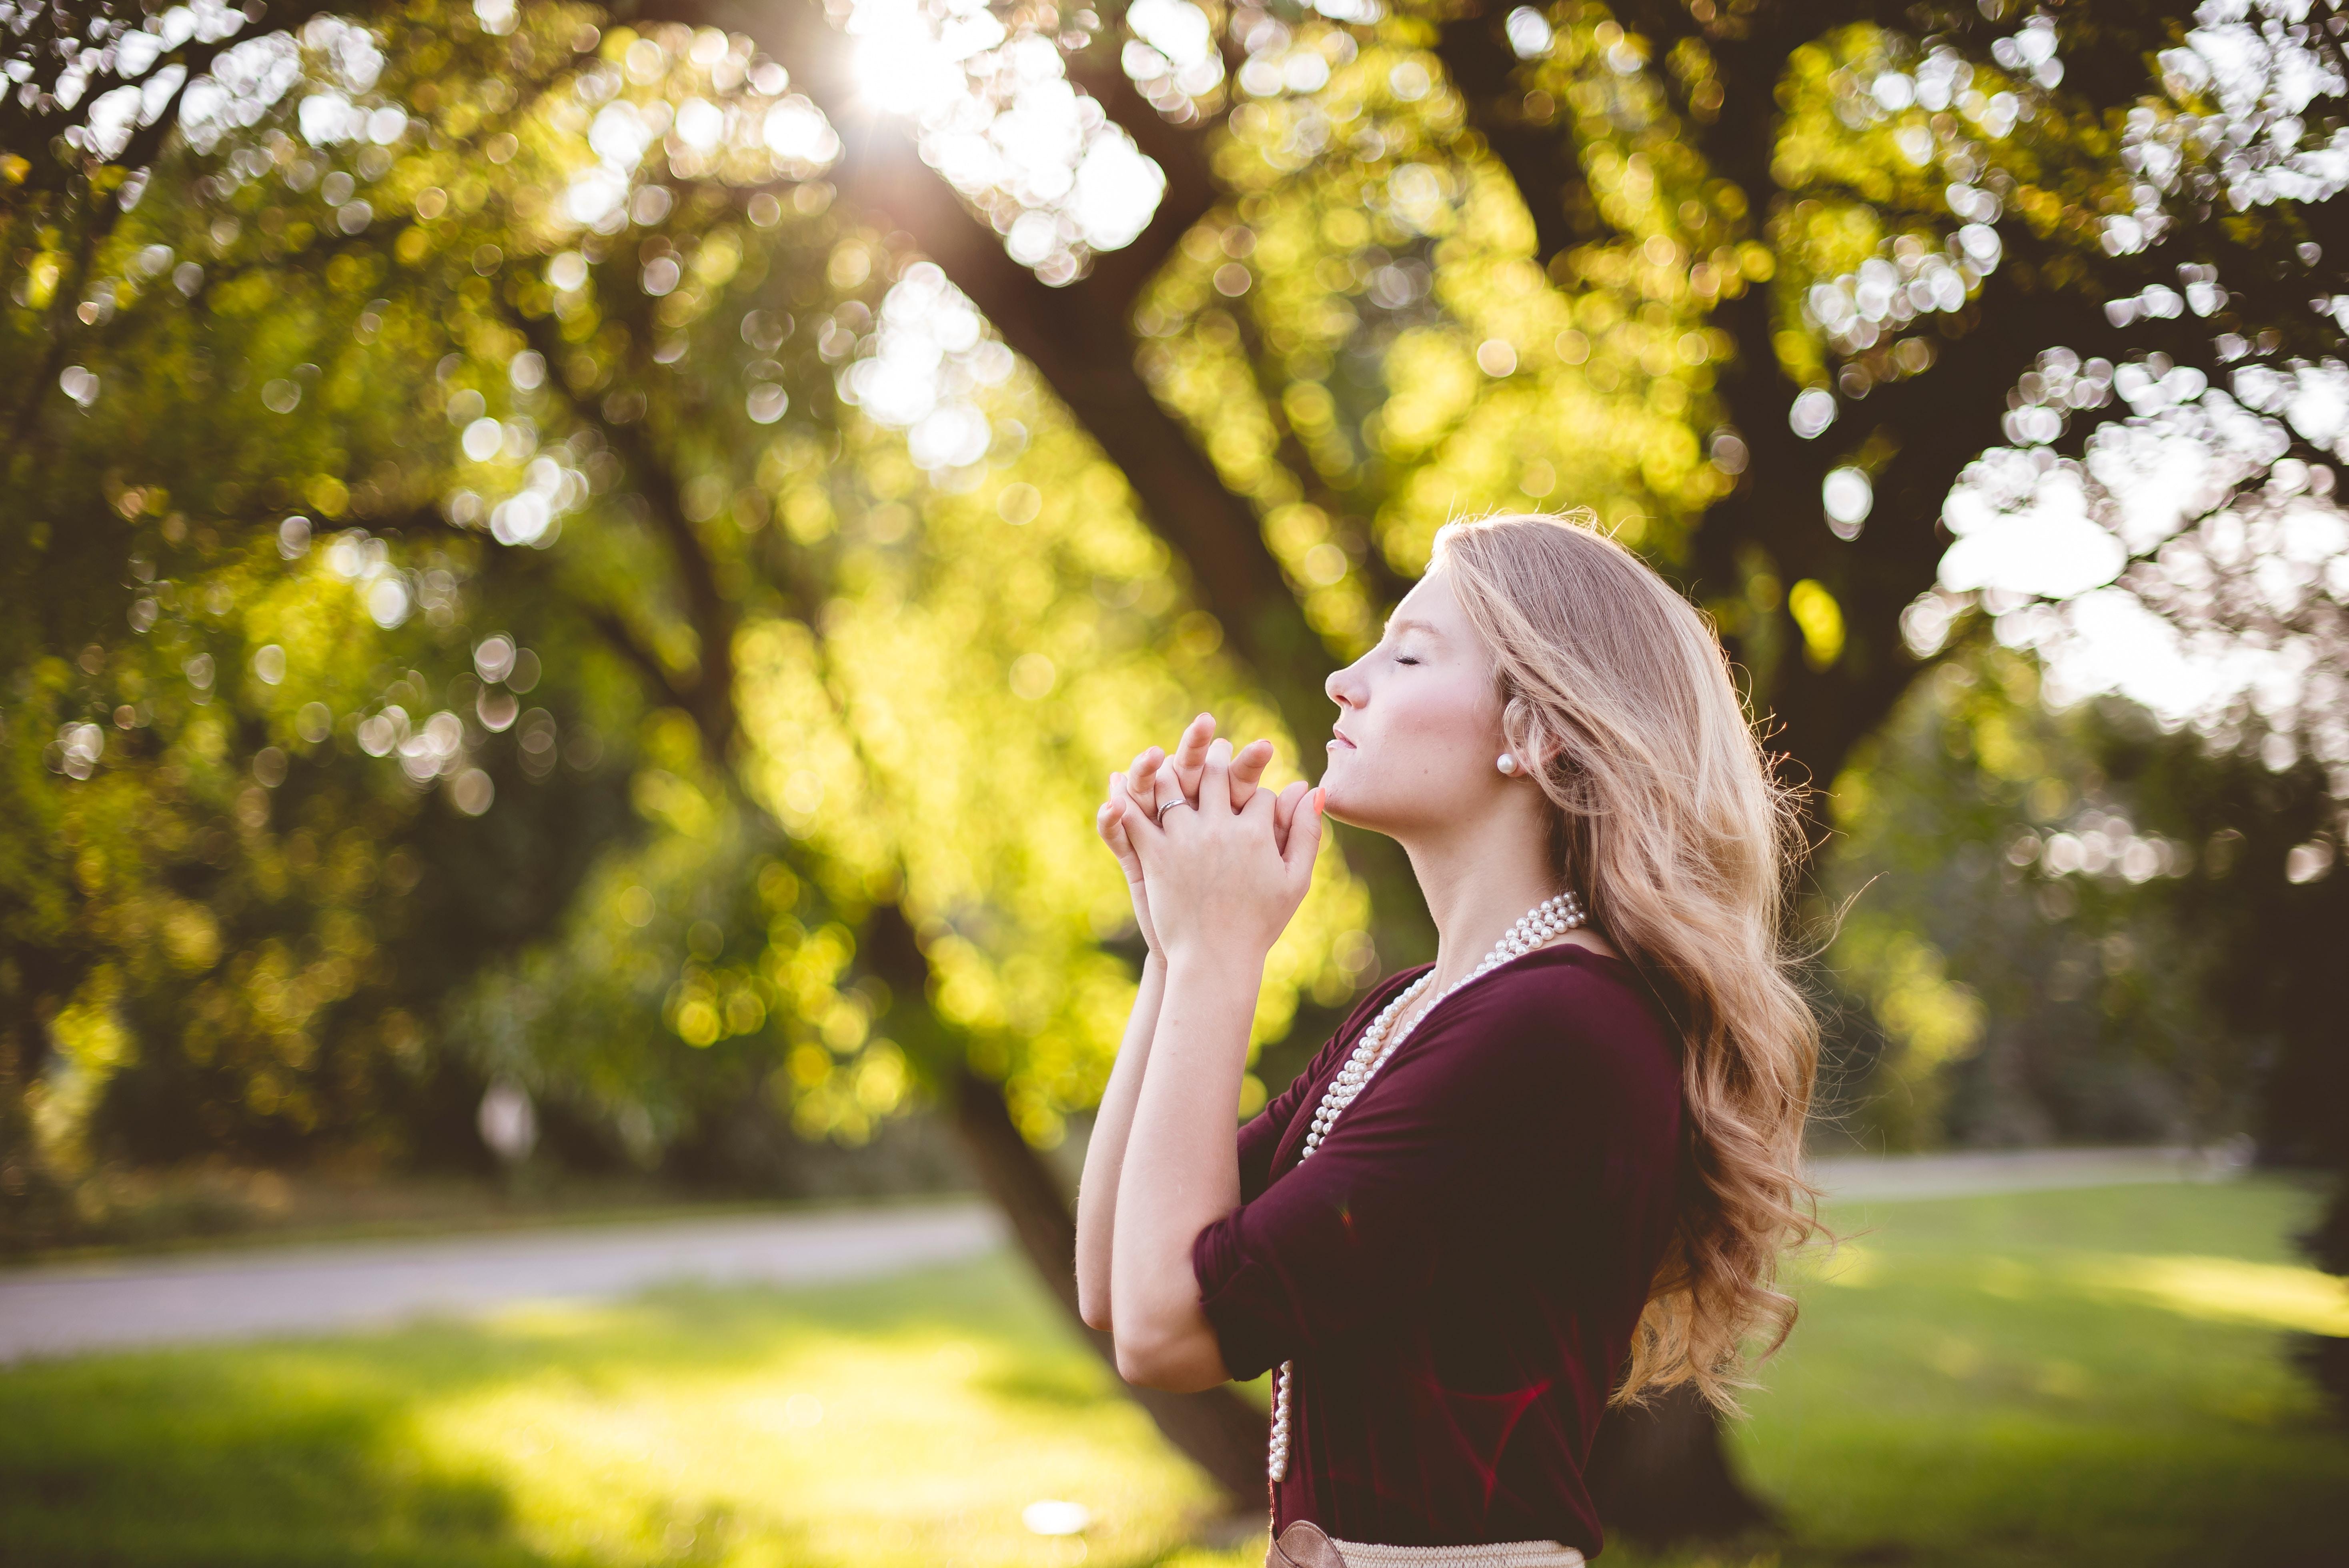 Way to Spirituality: कौन कहता है कि भगवान आपको सुन नहीं रहे हैं? मेरी मानिए एक बार पुकार कर तो देखिए…!